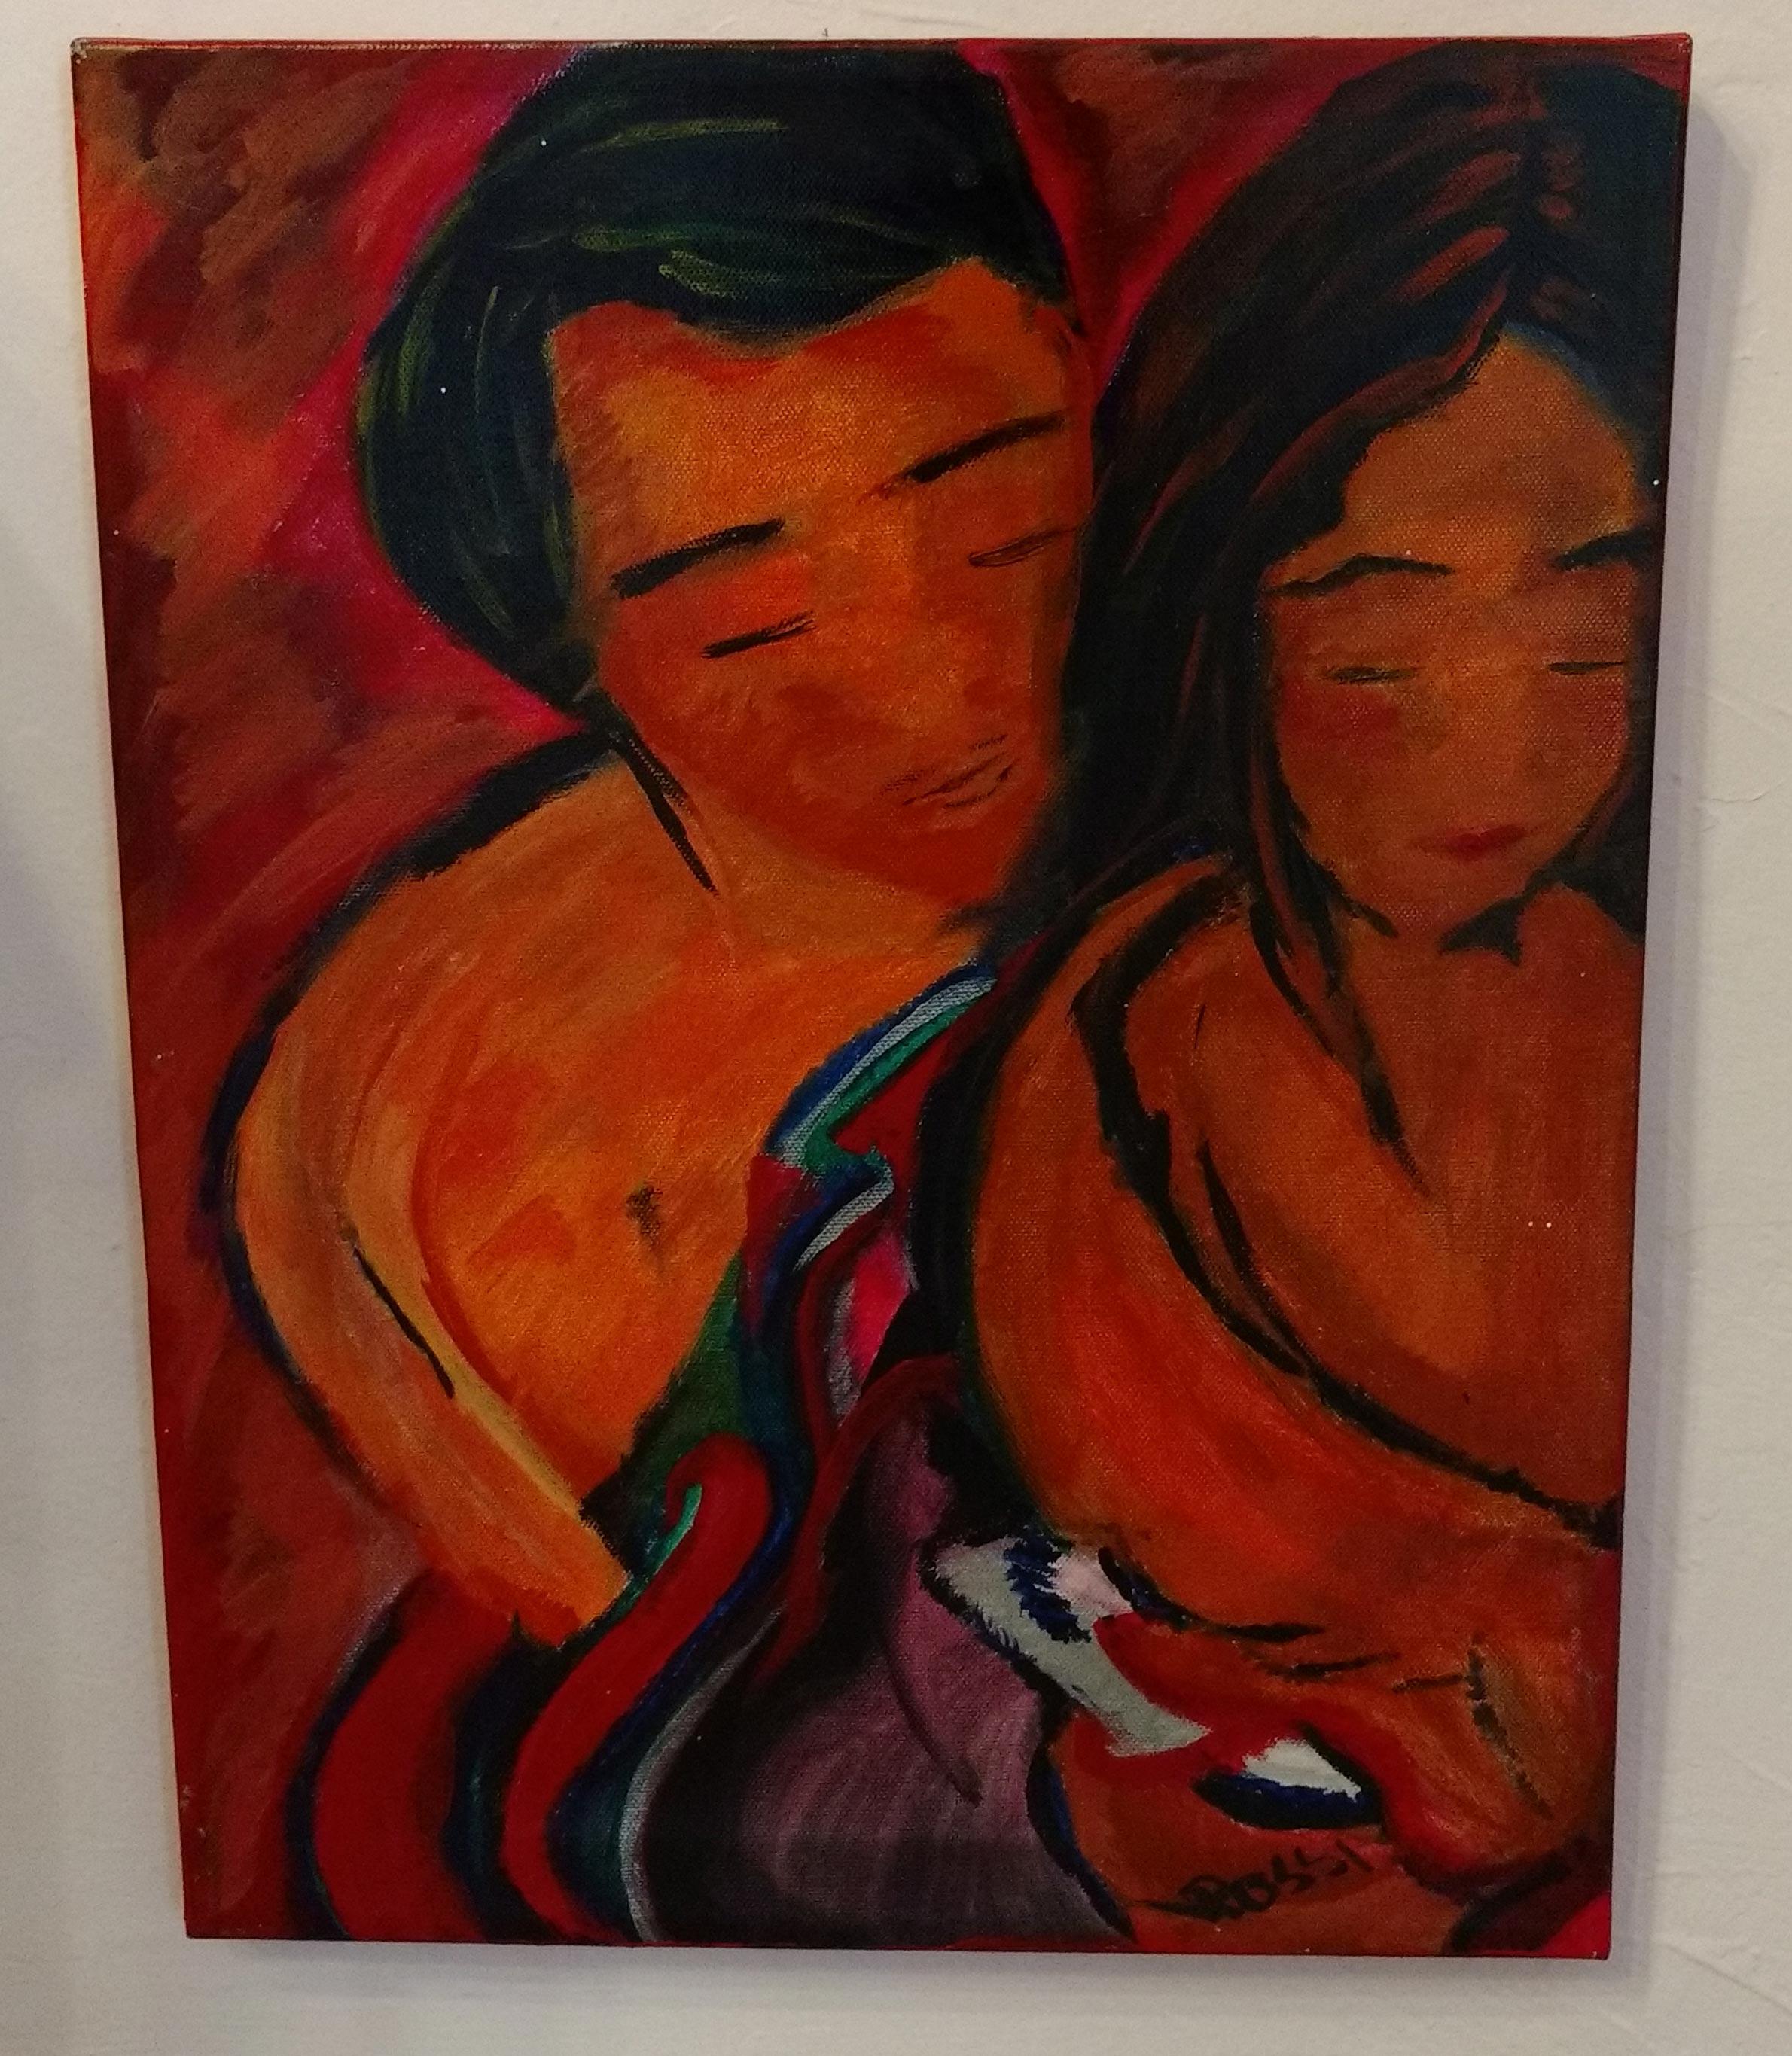 Amore by Estella Di Rossi